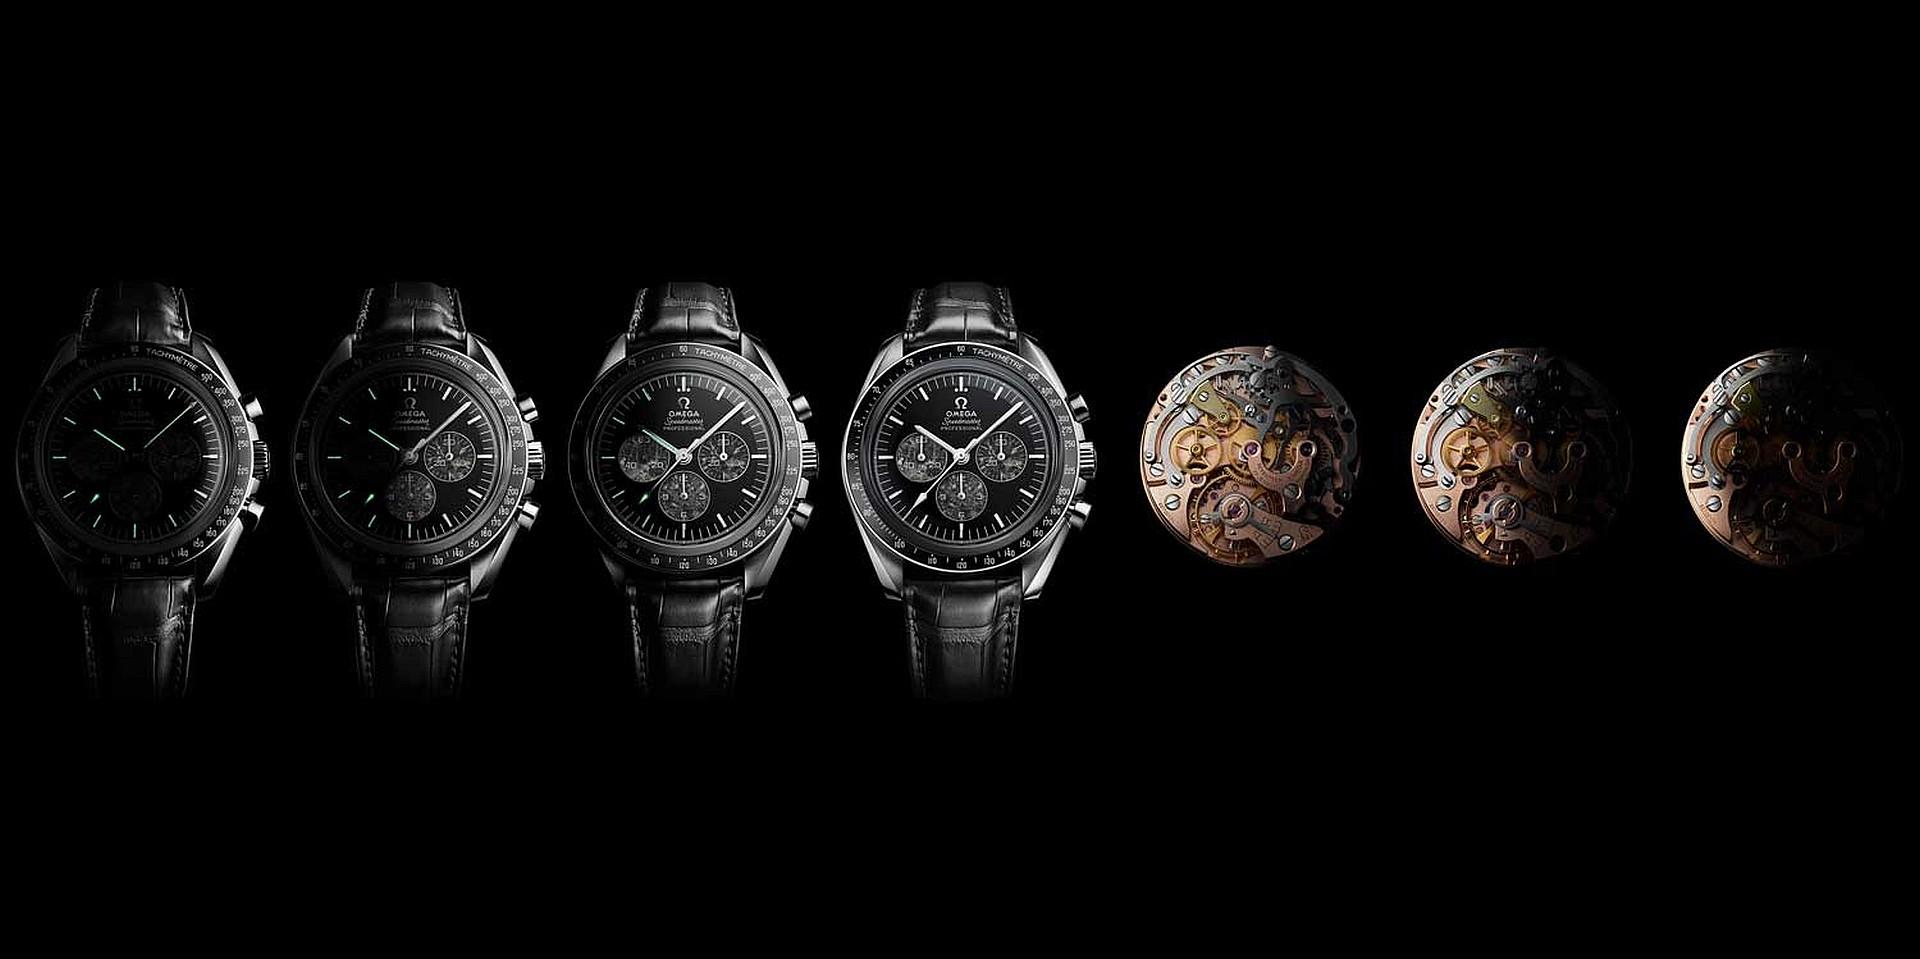 登月傳奇再續,歐米茄復刻推出超霸登月錶321機芯鉑金版